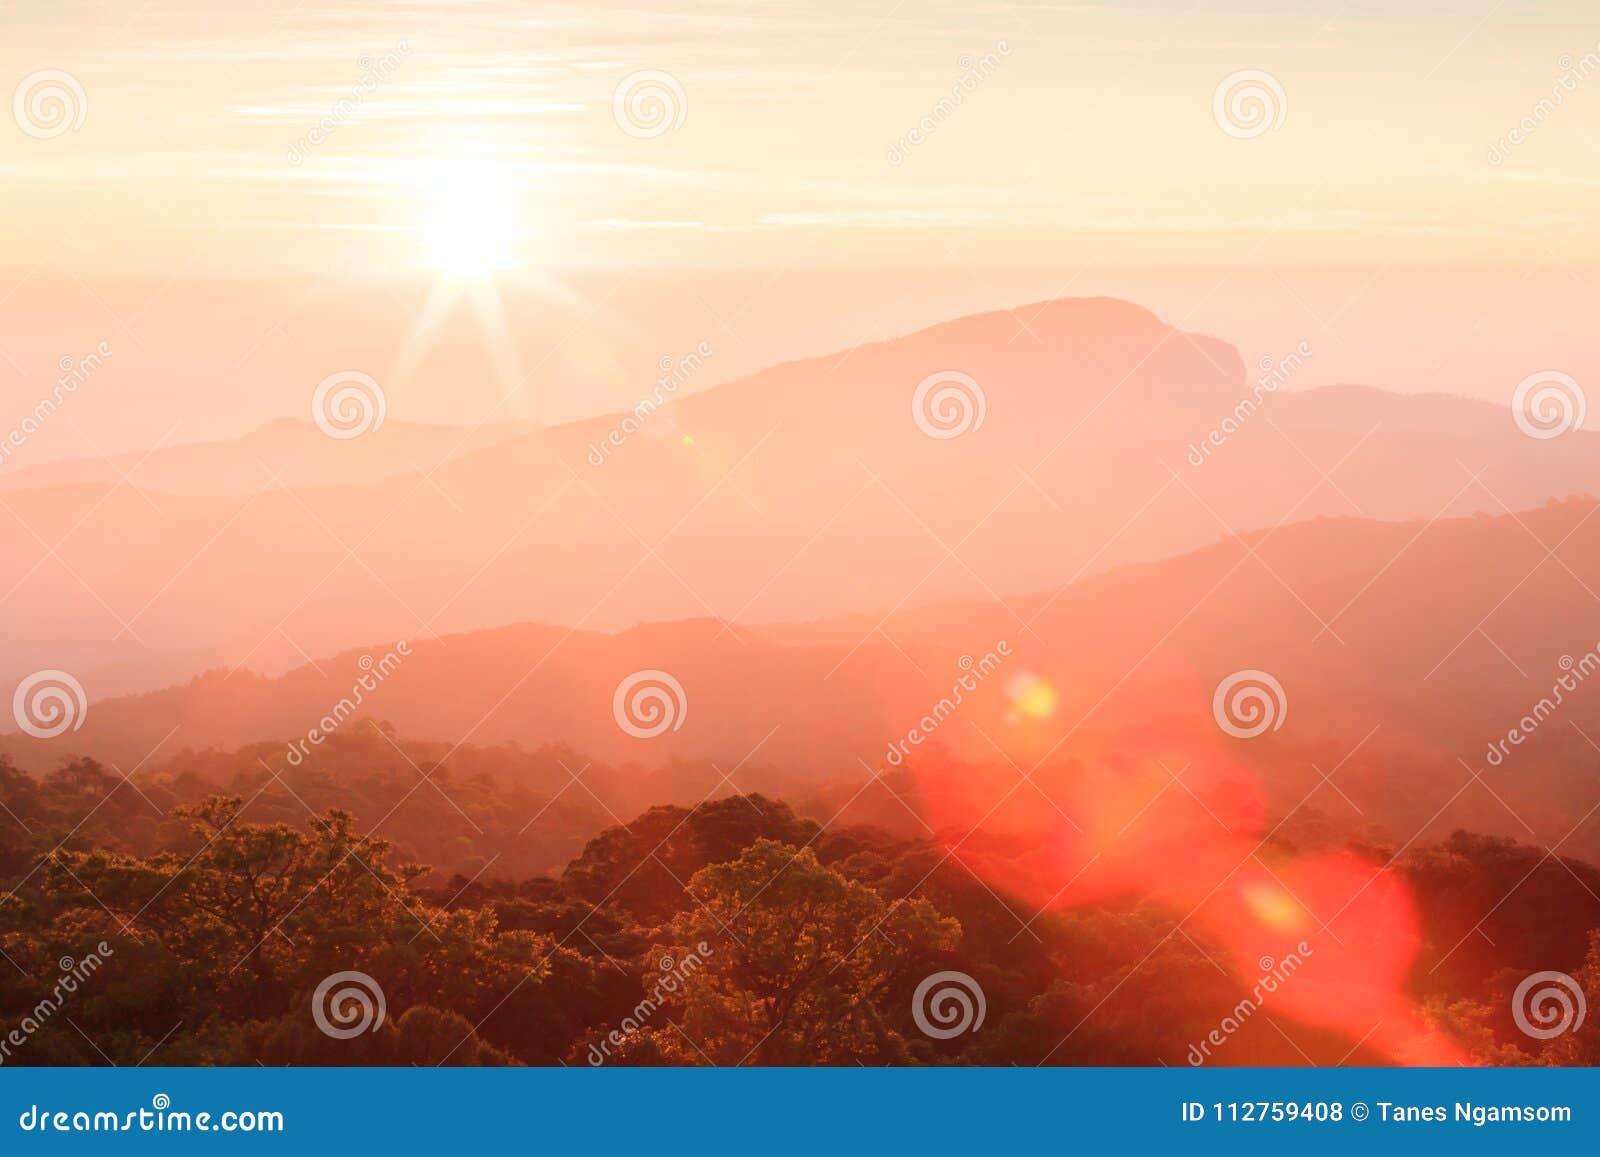 Η χρυσή ανατολή λάμπει κάτω από γύρω από το βουνό και το τοπ θόλο